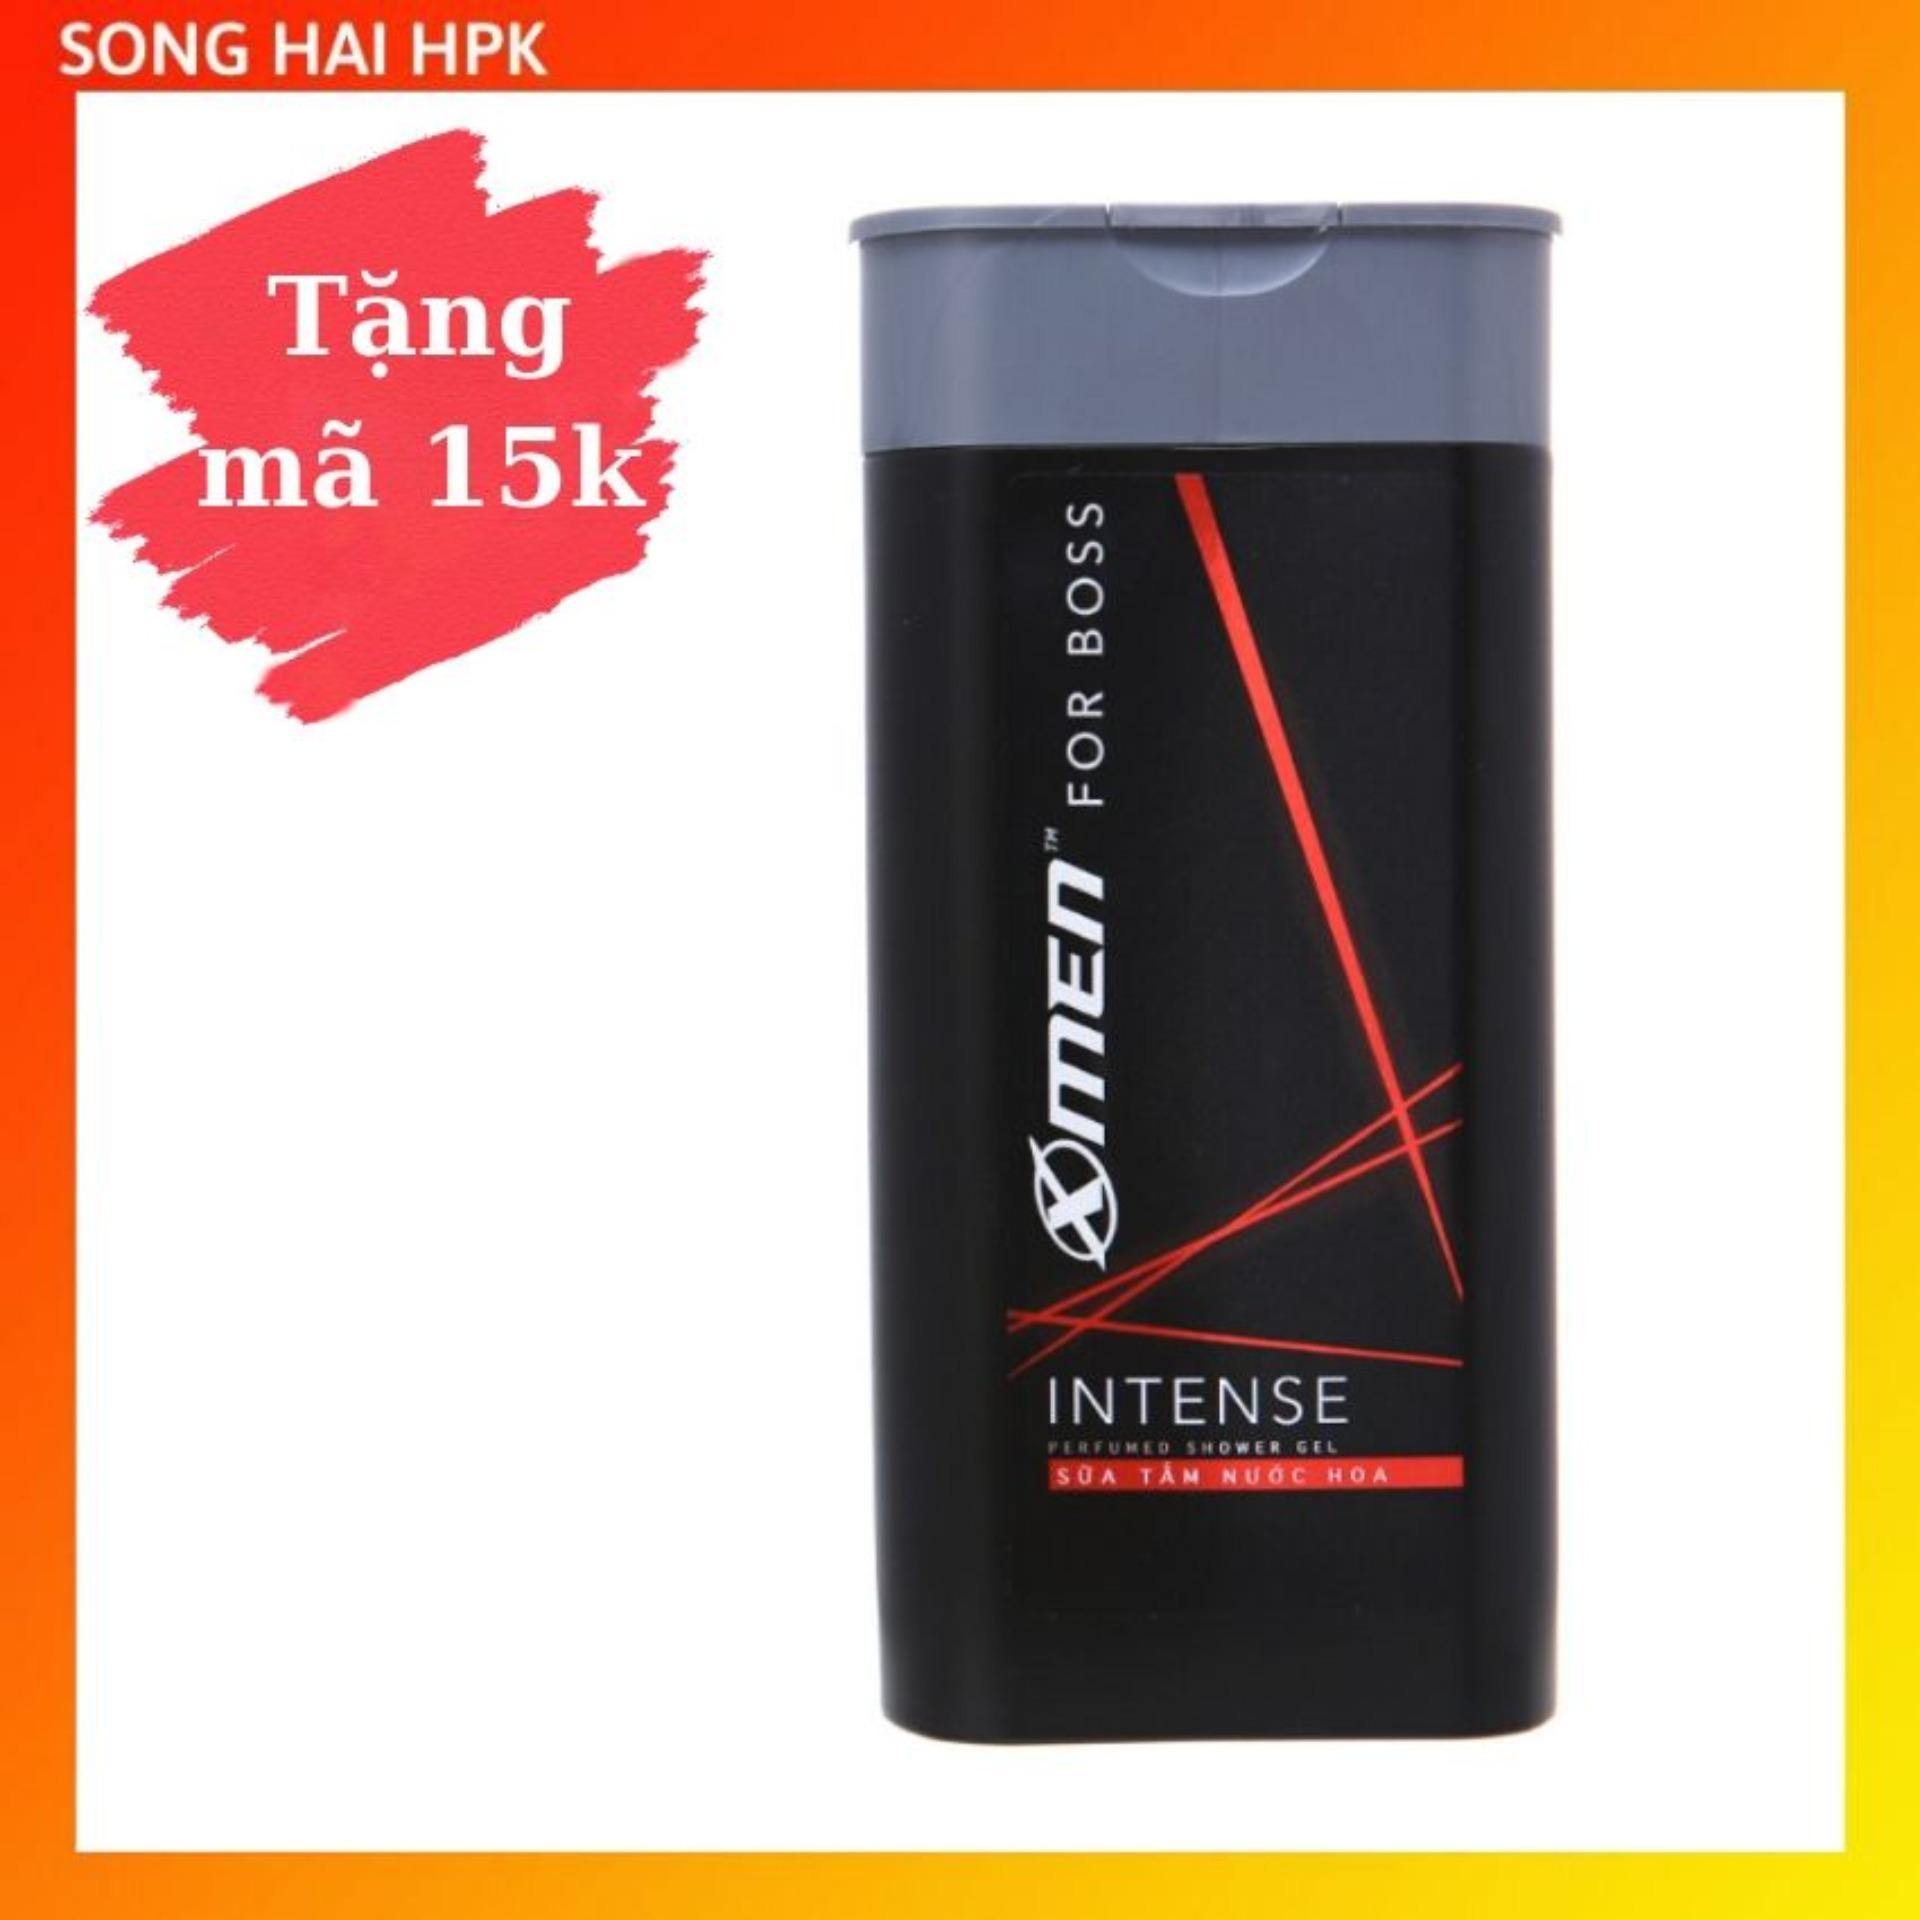 Sữa tắm nước hoa X-Men For Boss Intense - Mùi hương trầm đầy nội lực 380g Songhaihpk nhập khẩu